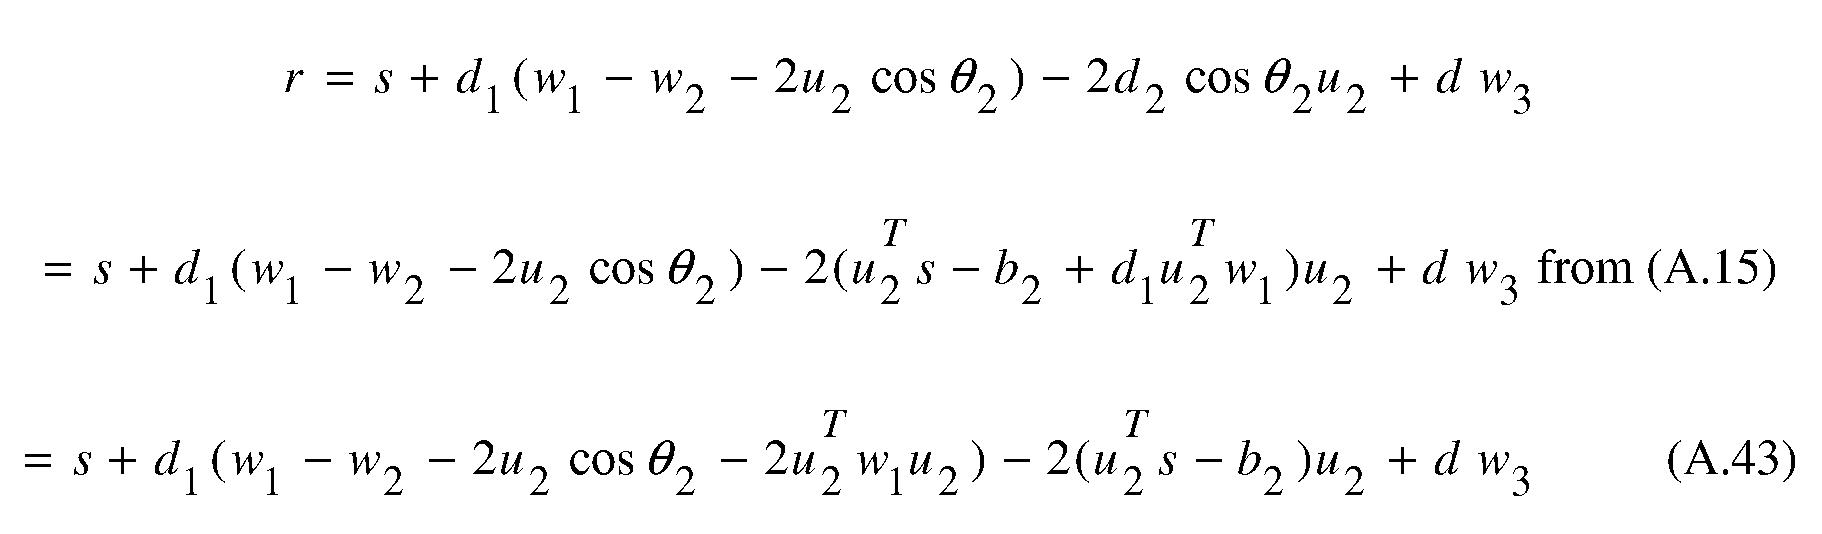 Figure imgf000042_0005